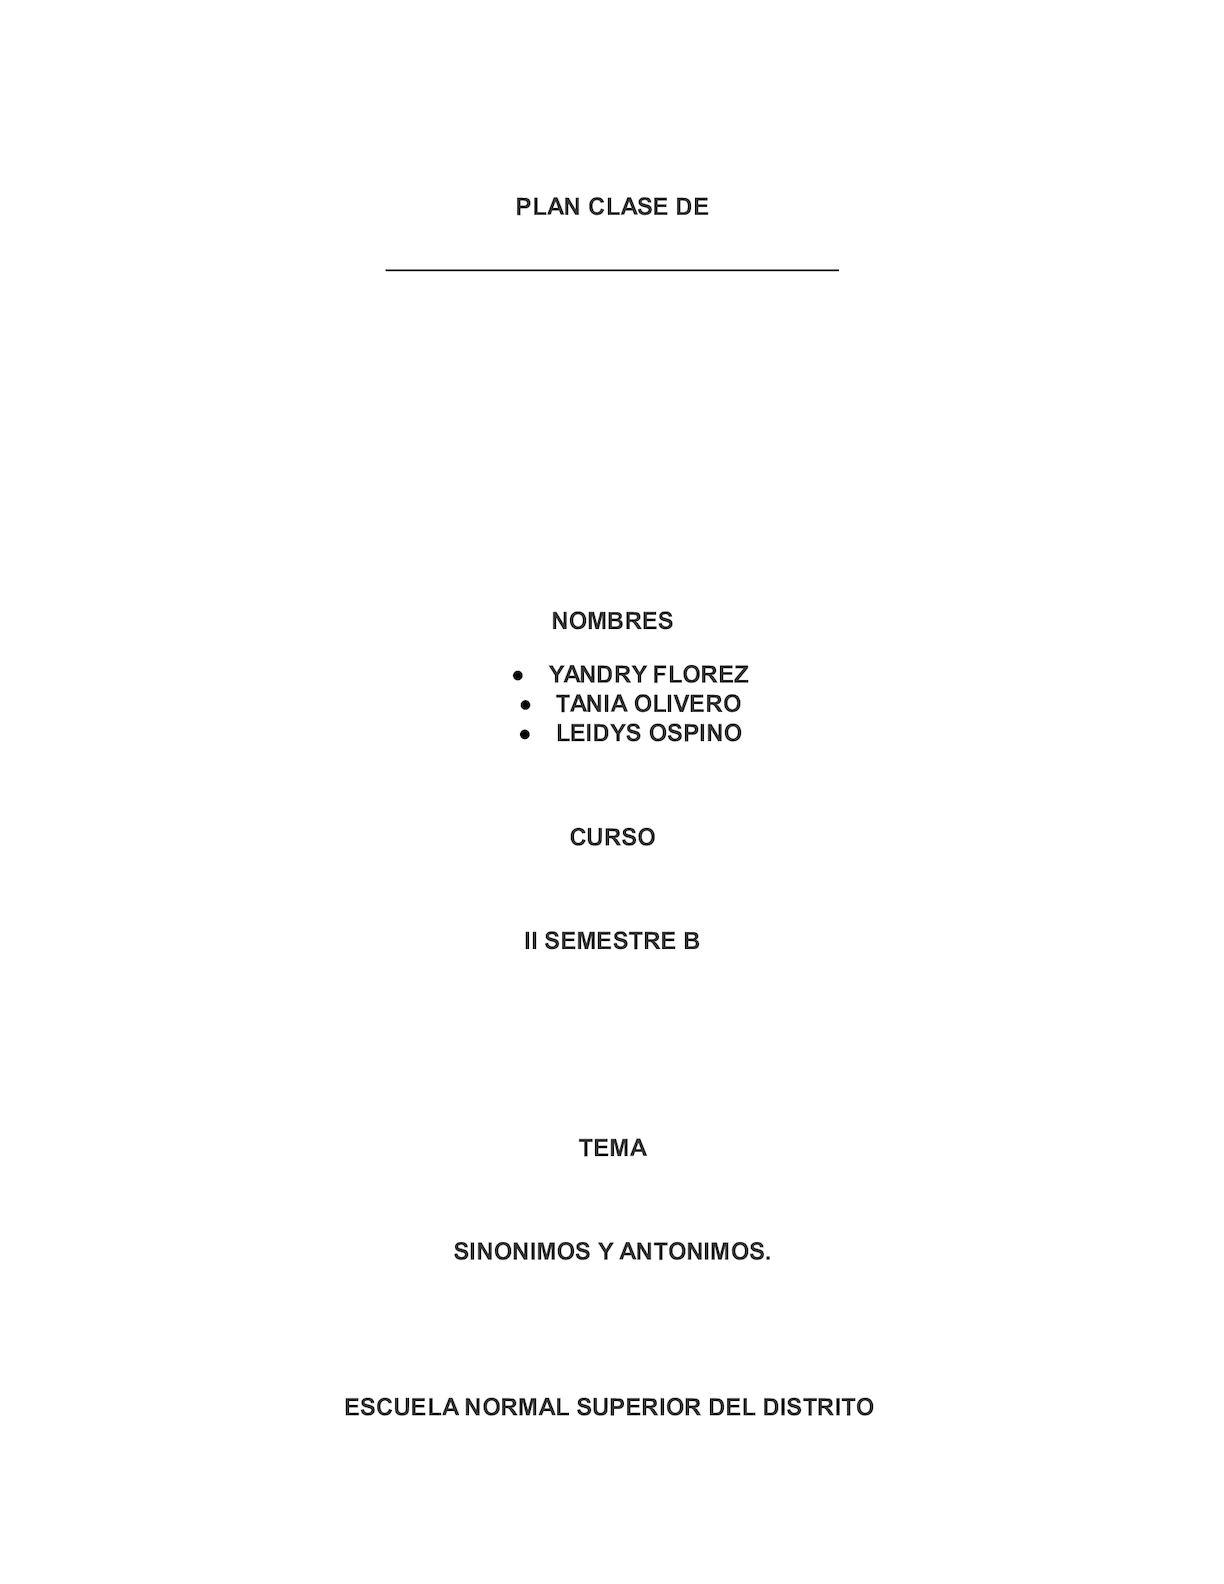 Calaméo - Plan Clase sinónimo y antonimo